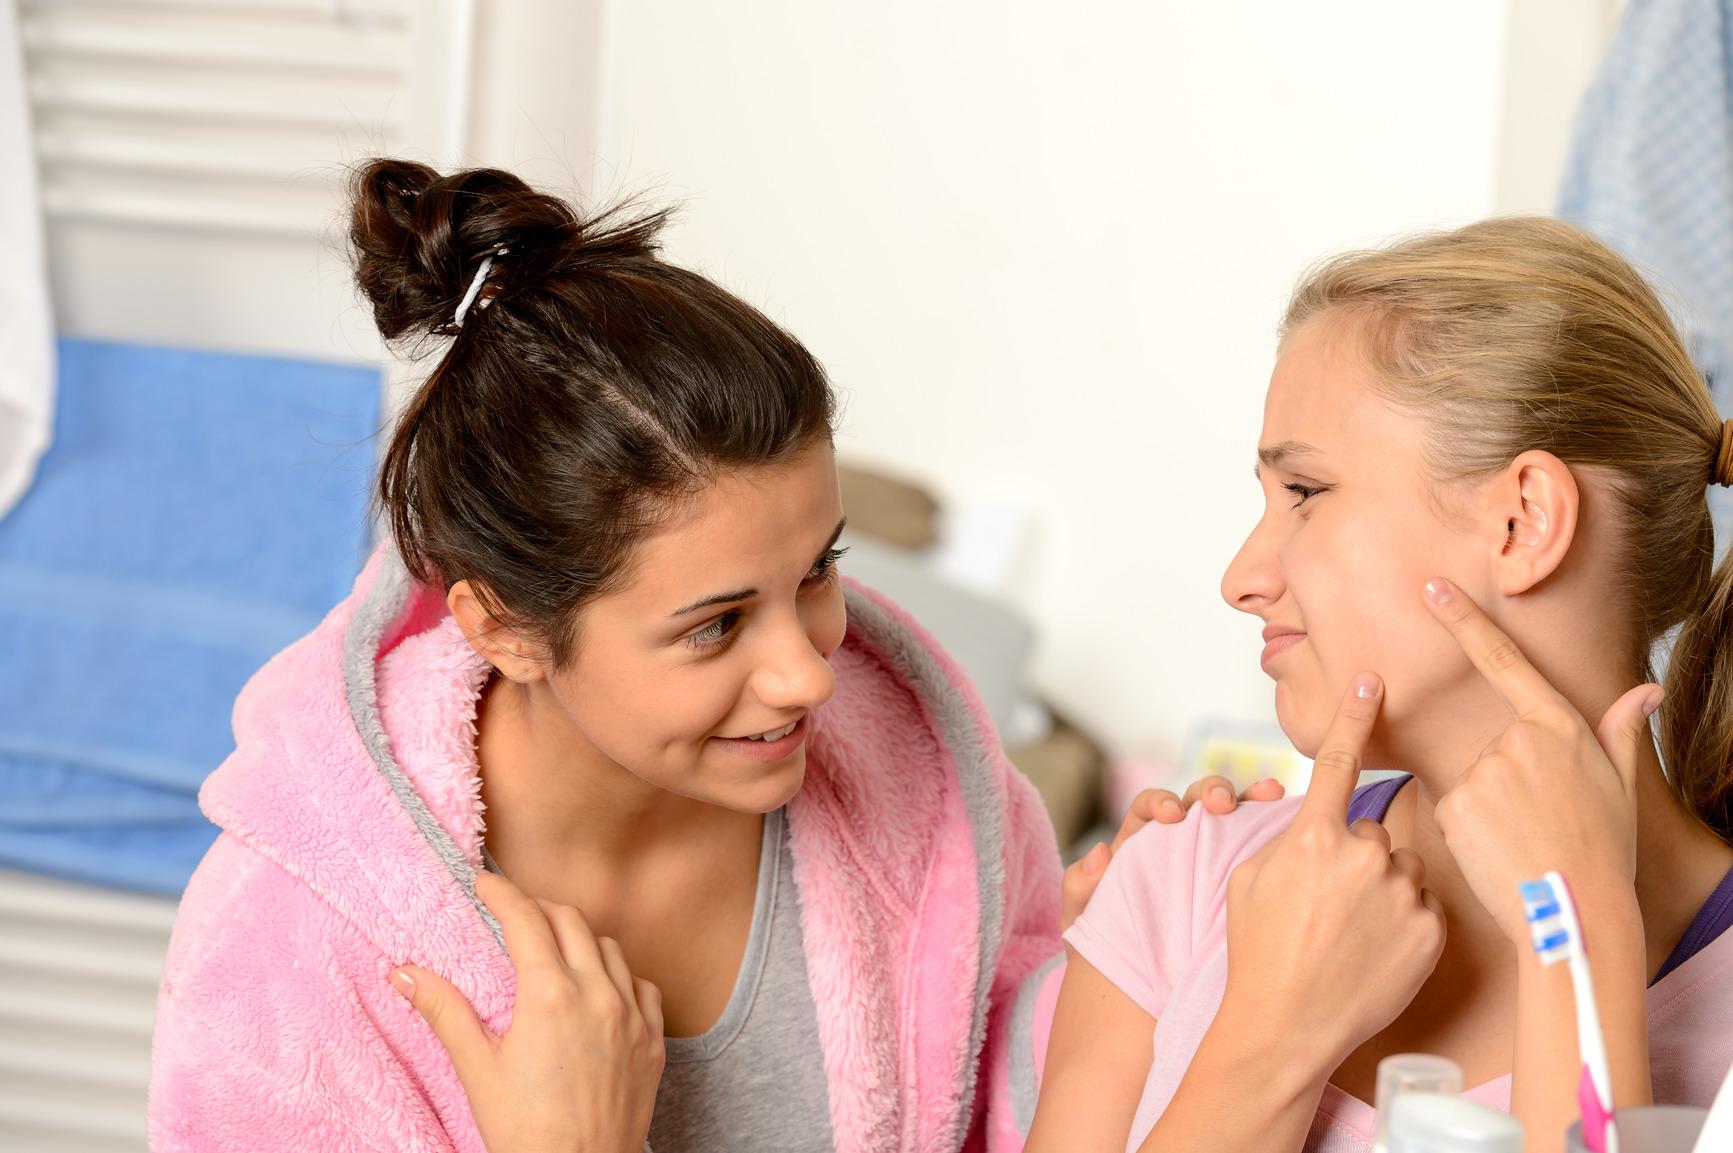 Ищем общий язык с проблемной подростковой кожей